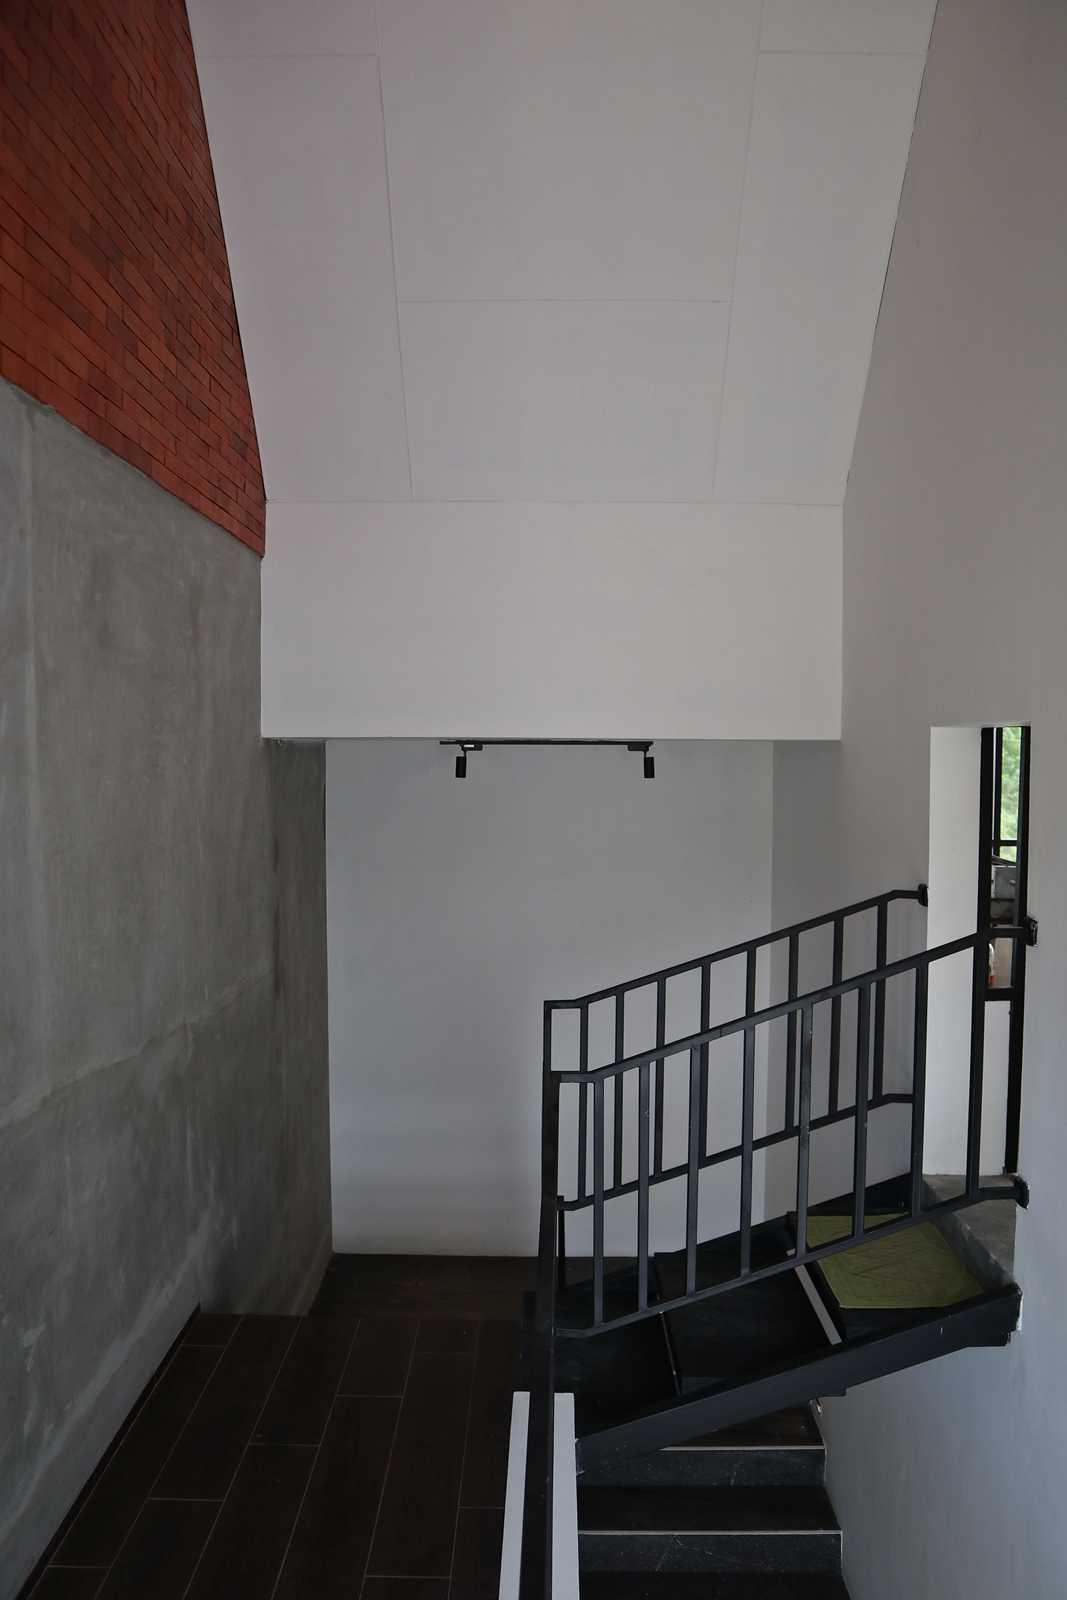 Bd Studio Je Villa House Medan, Kota Medan, Sumatera Utara, Indonesia Medan, Kota Medan, Sumatera Utara, Indonesia Bd-Studio-Je-Villa-House   74117